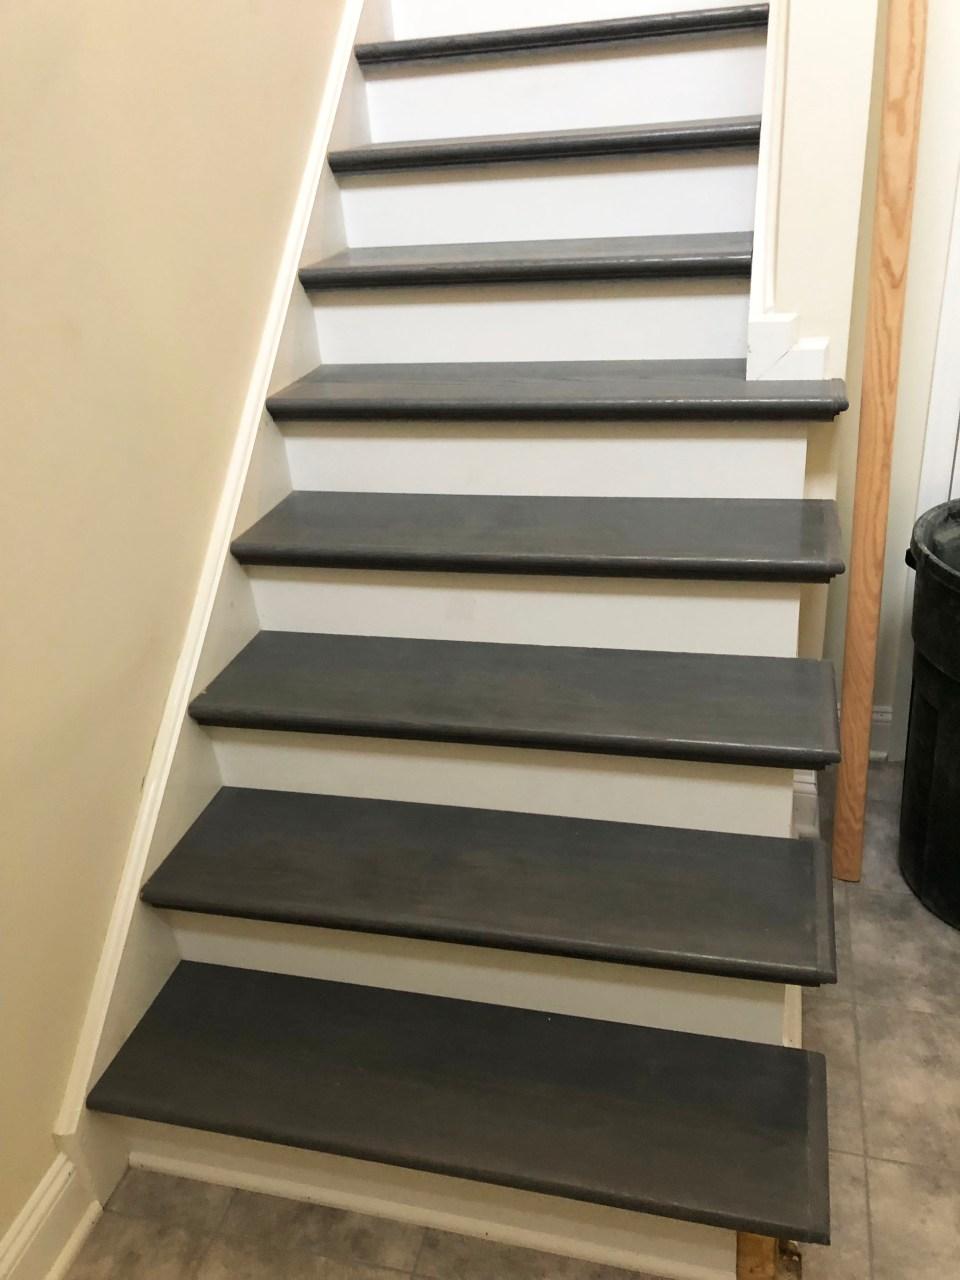 Foyer - Stairs Update 18